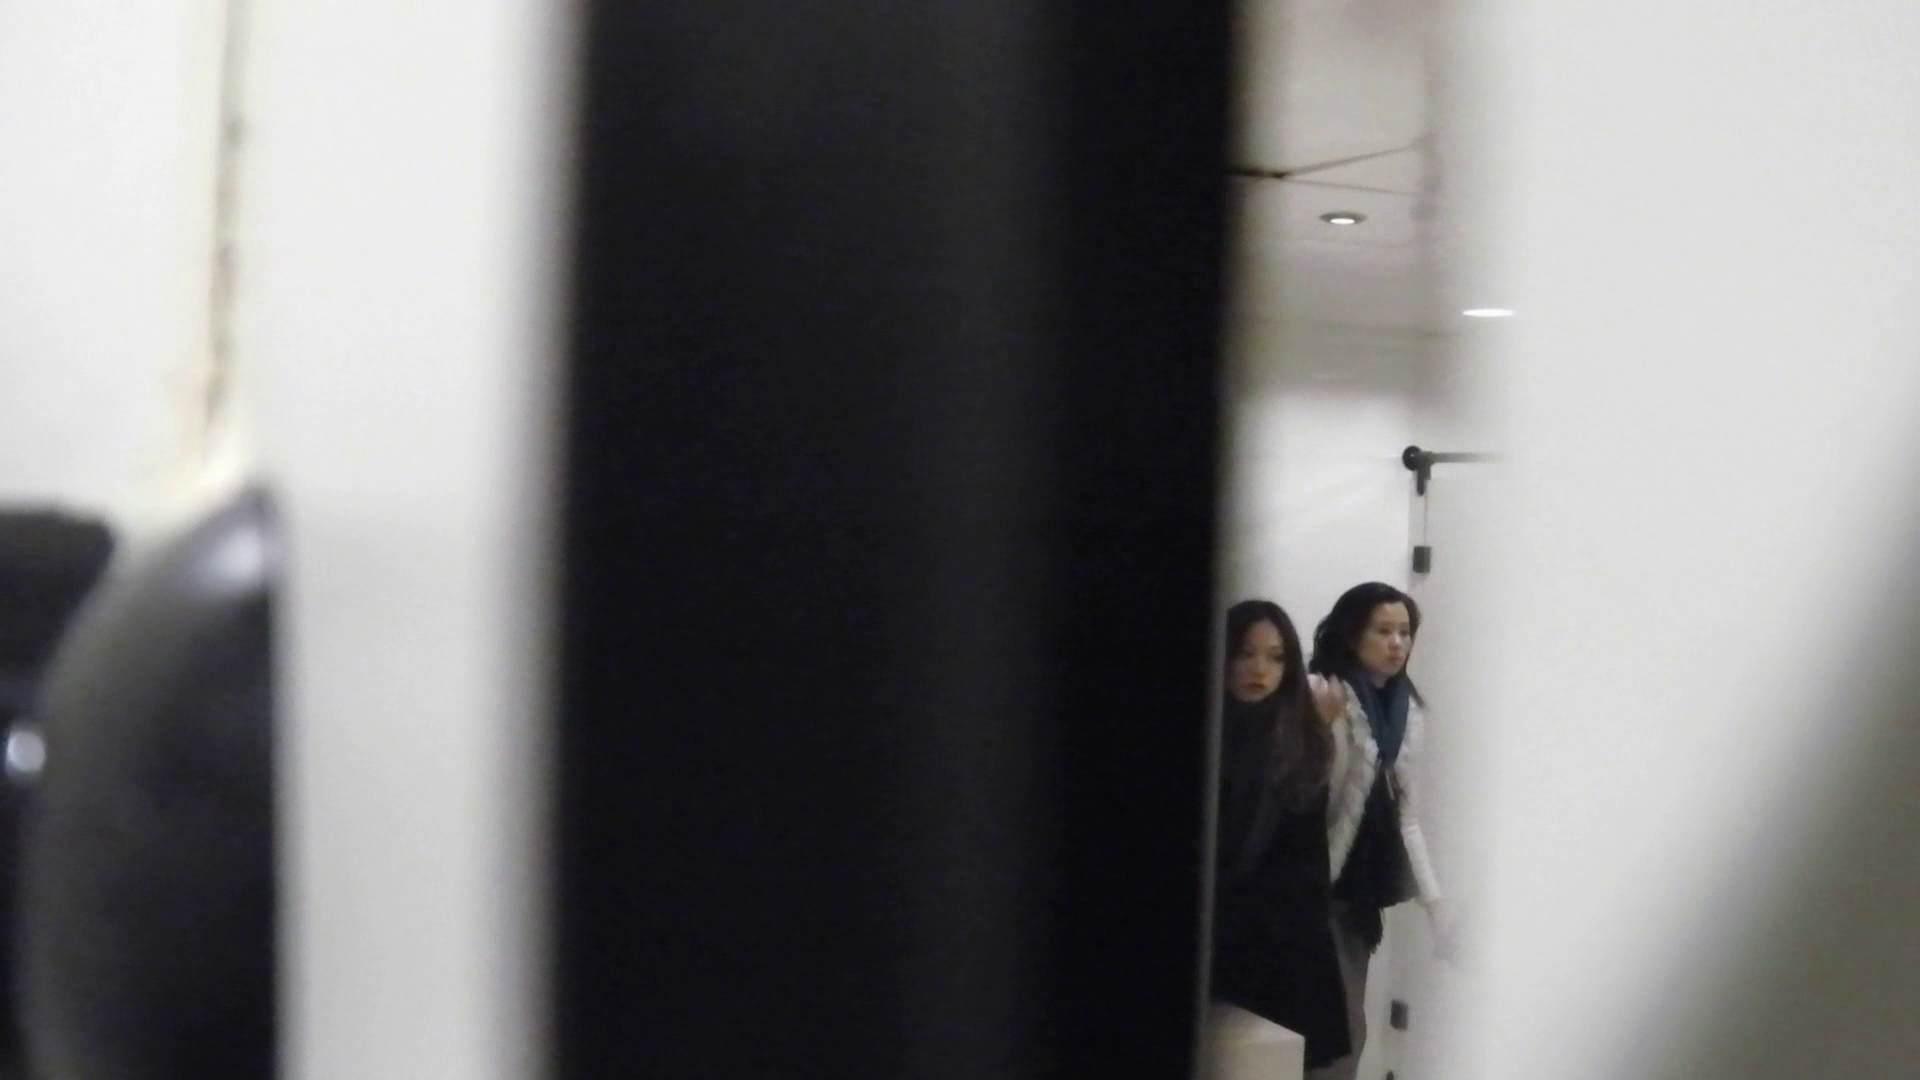 世界の射窓から vol.3 お姉さん攻略 オマンコ動画キャプチャ 83画像 4